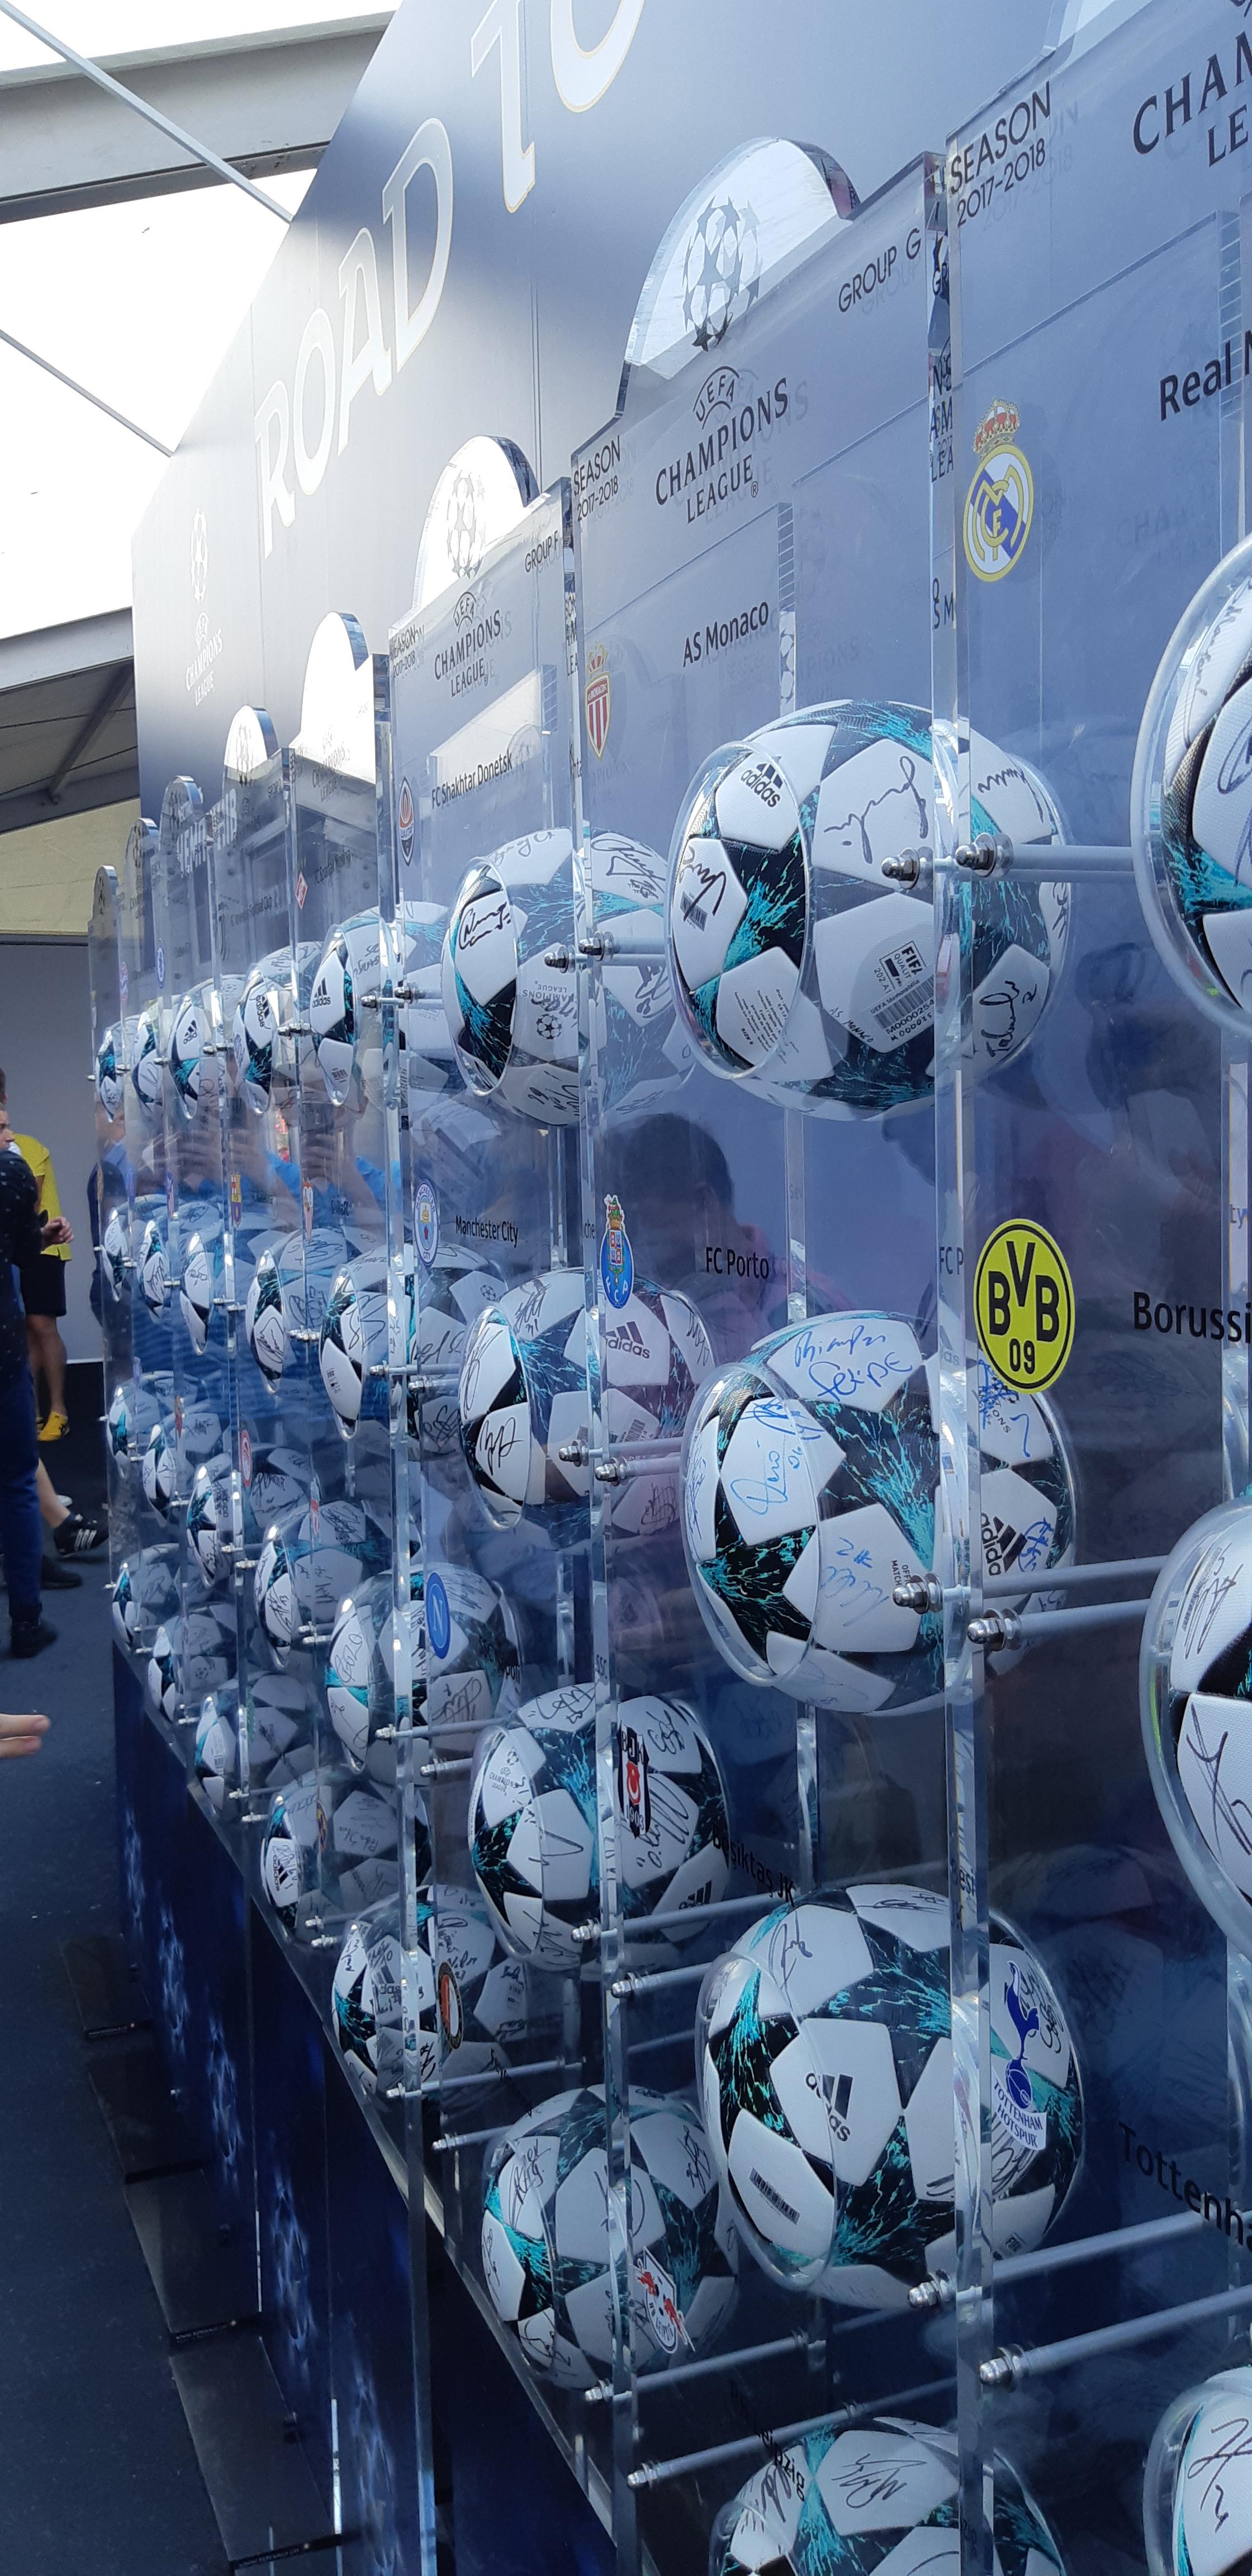 Лига чемпионов в Киеве, второй день: матч легенд, извинения Роналду и шутка от Клоппа (+Фото, Видео) - изображение 7